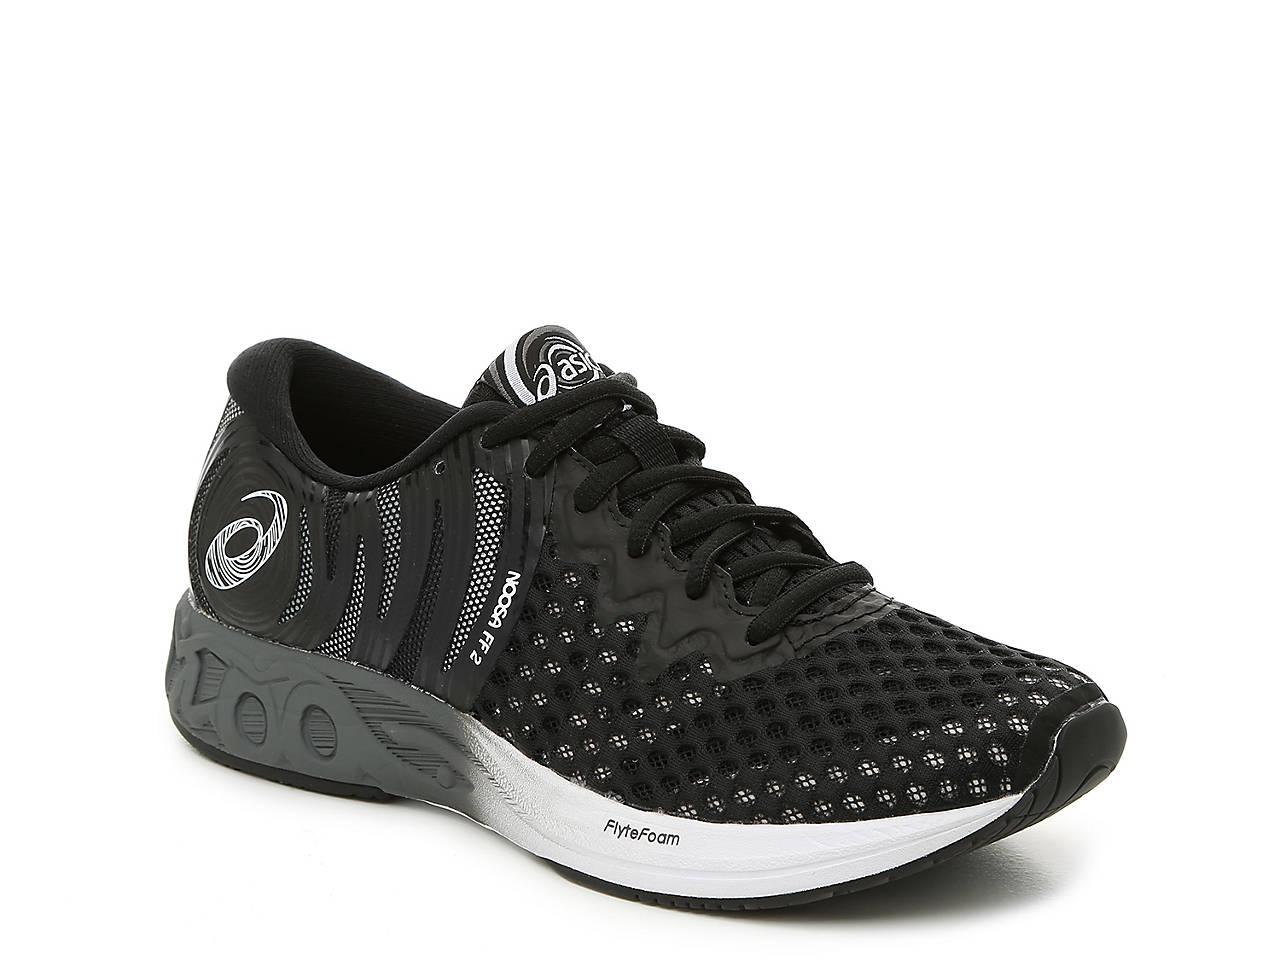 6cb931d3856e ASICS Noosa FF 2 Lightweight Running Shoe - Women s Women s Shoes